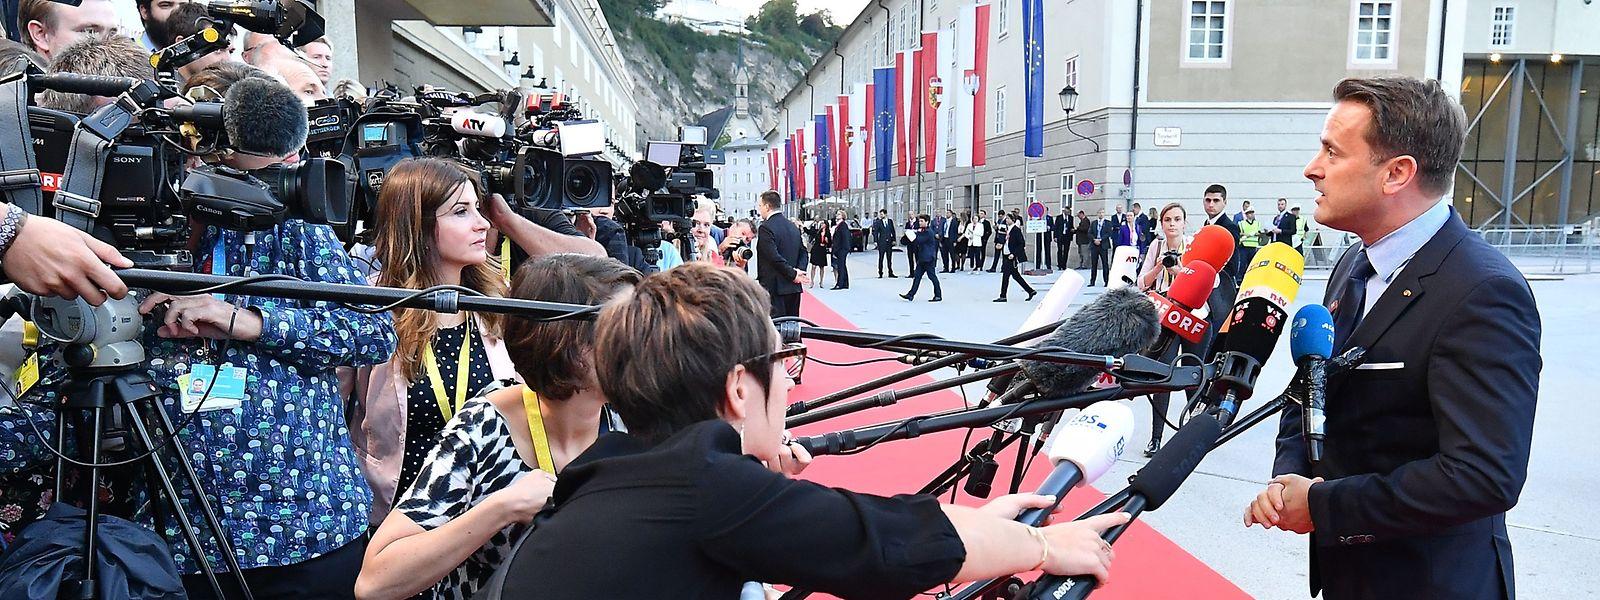 Luxemburg ist durch Premier Xavier Bettel vertreten.